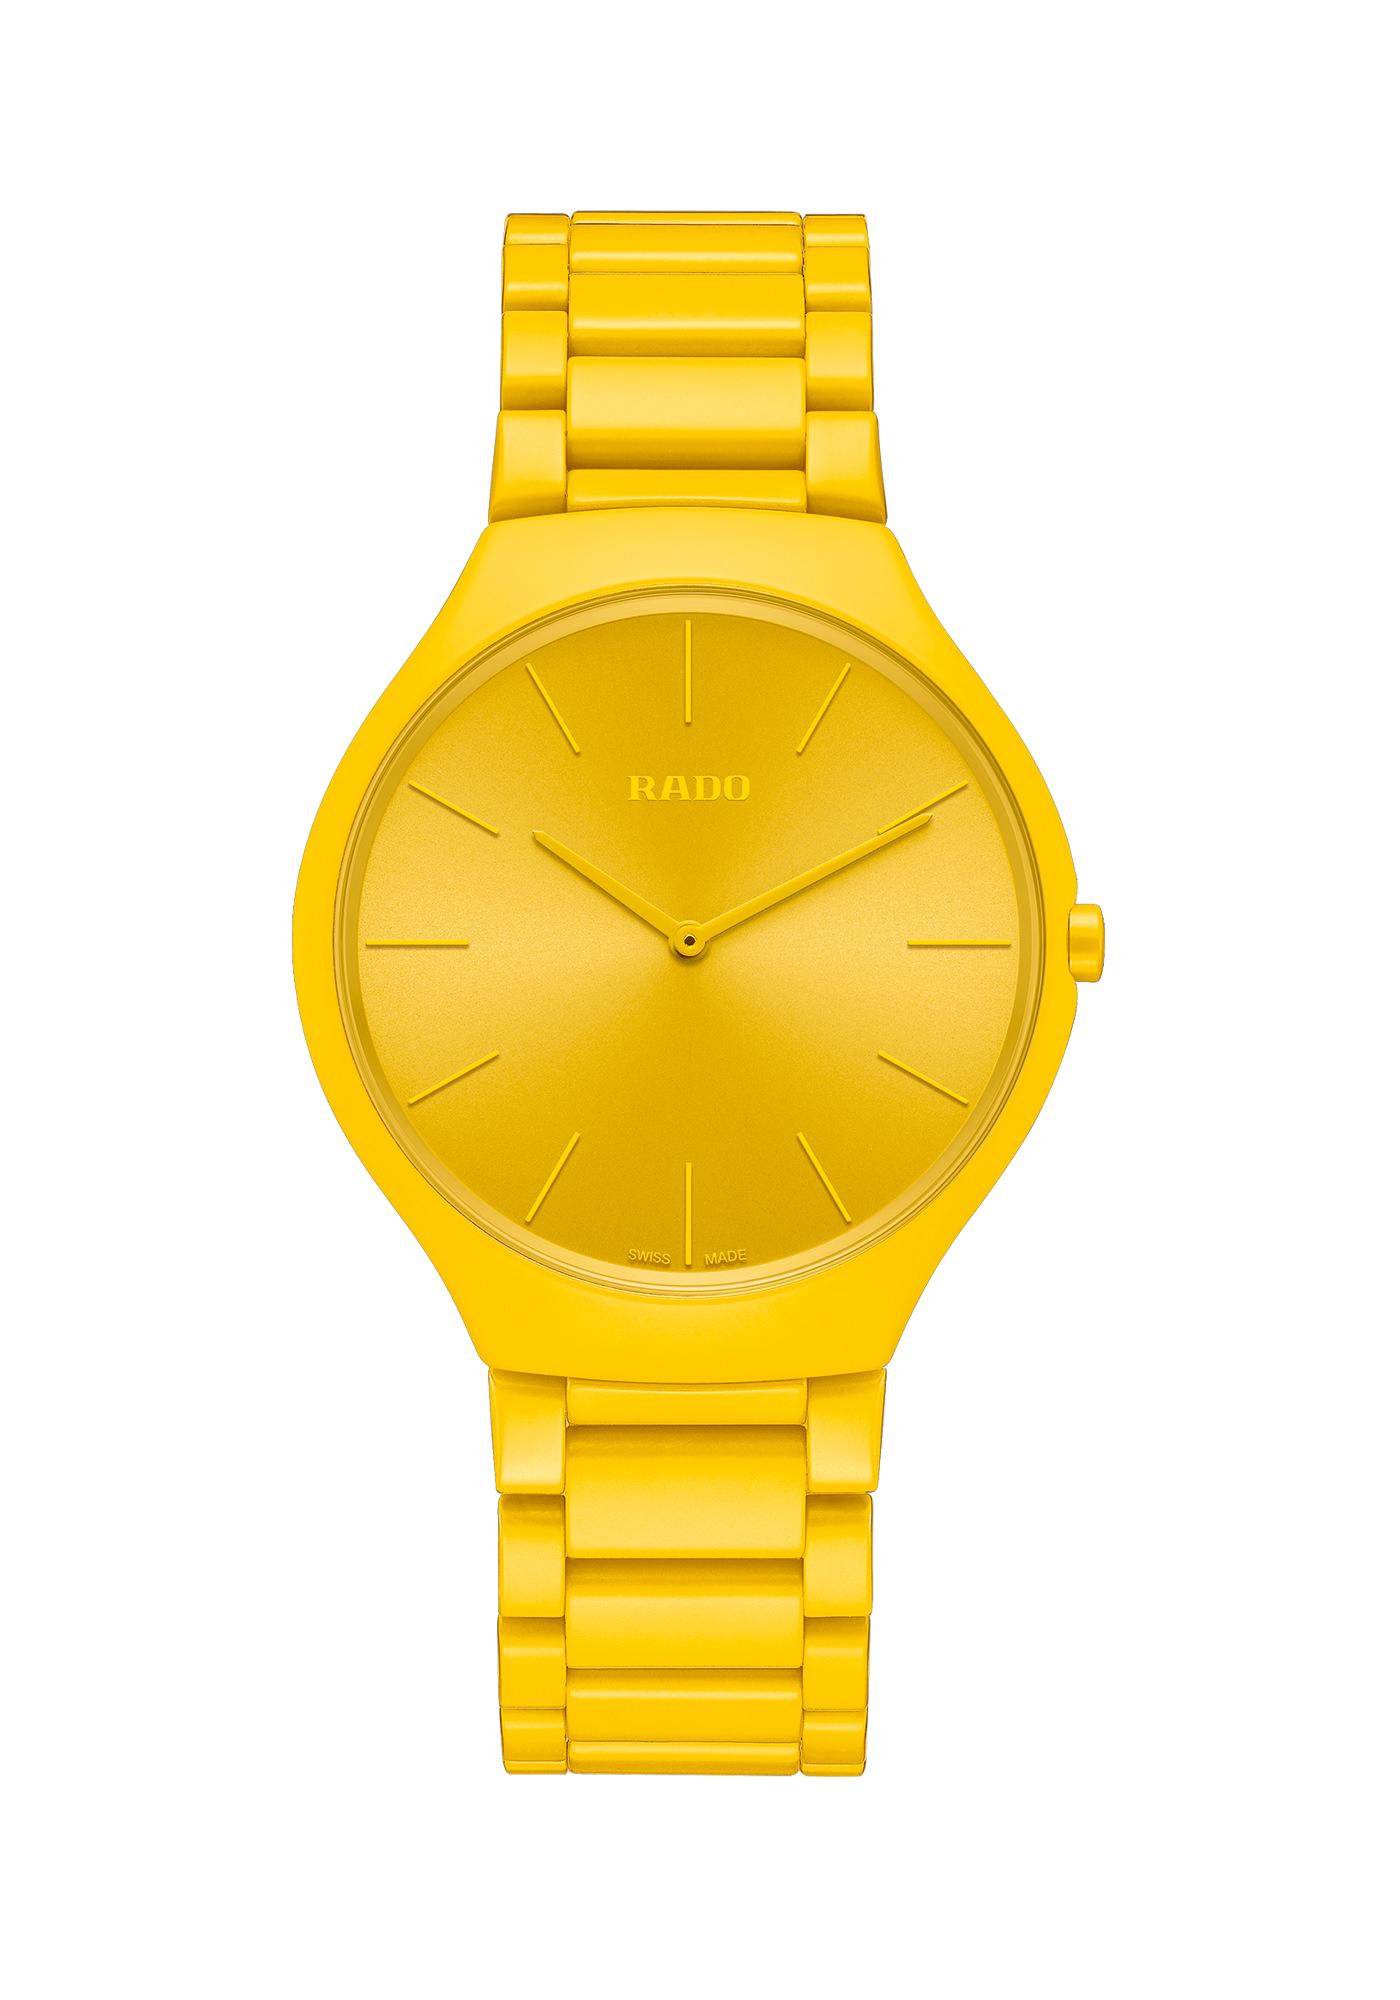 Rado Montres True Thinline Les Couleurs Le Corbusier Sunshine Yellow 4320w